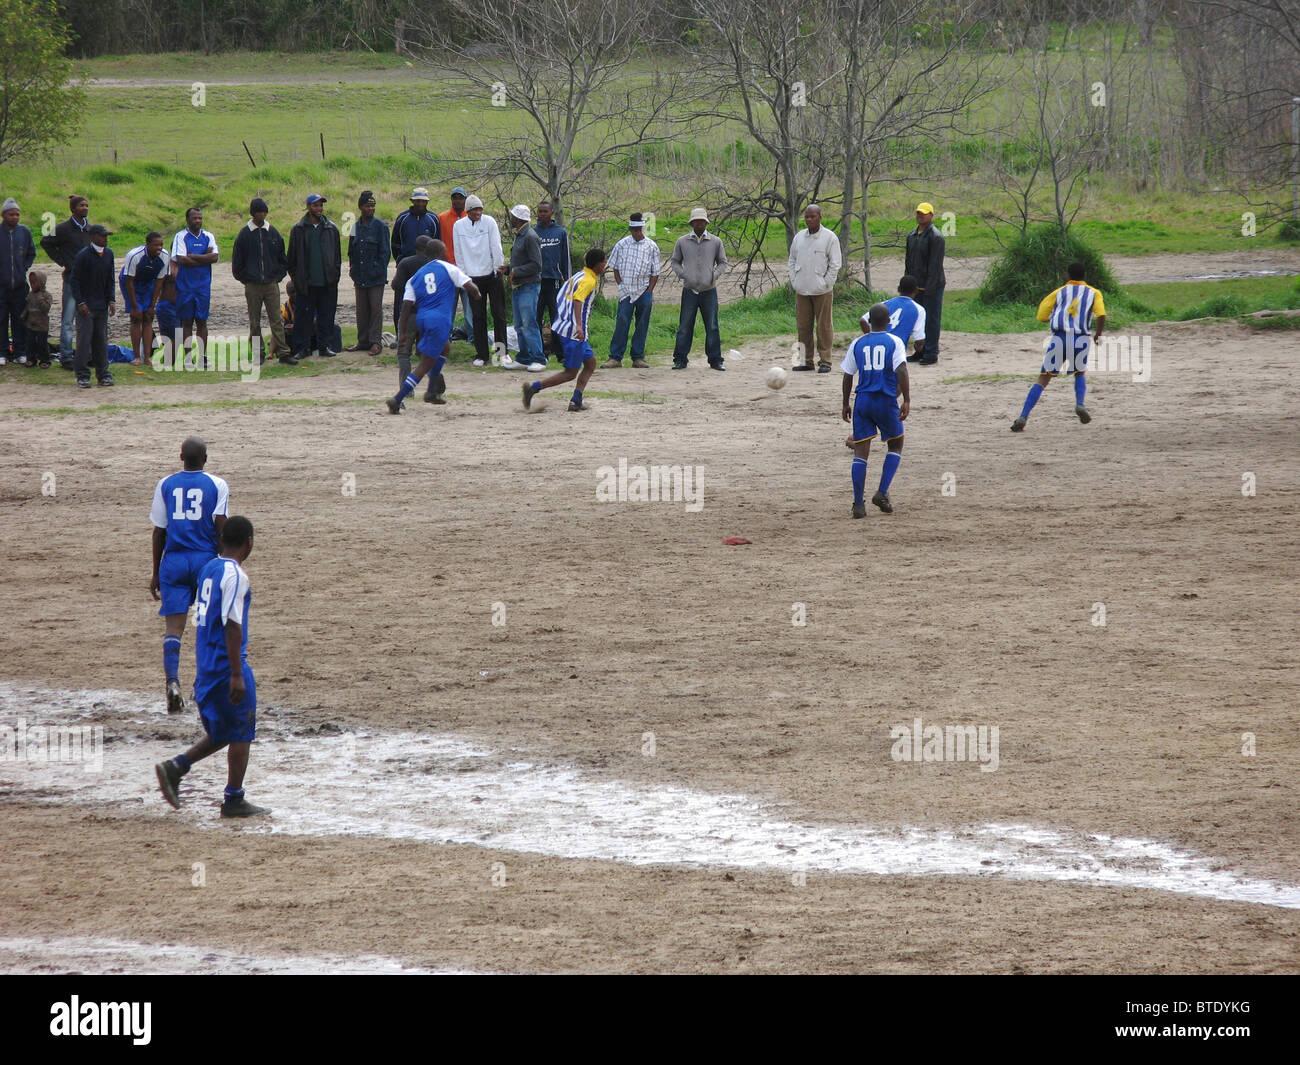 Partita di calcio giocata in un area rurale Immagini Stock